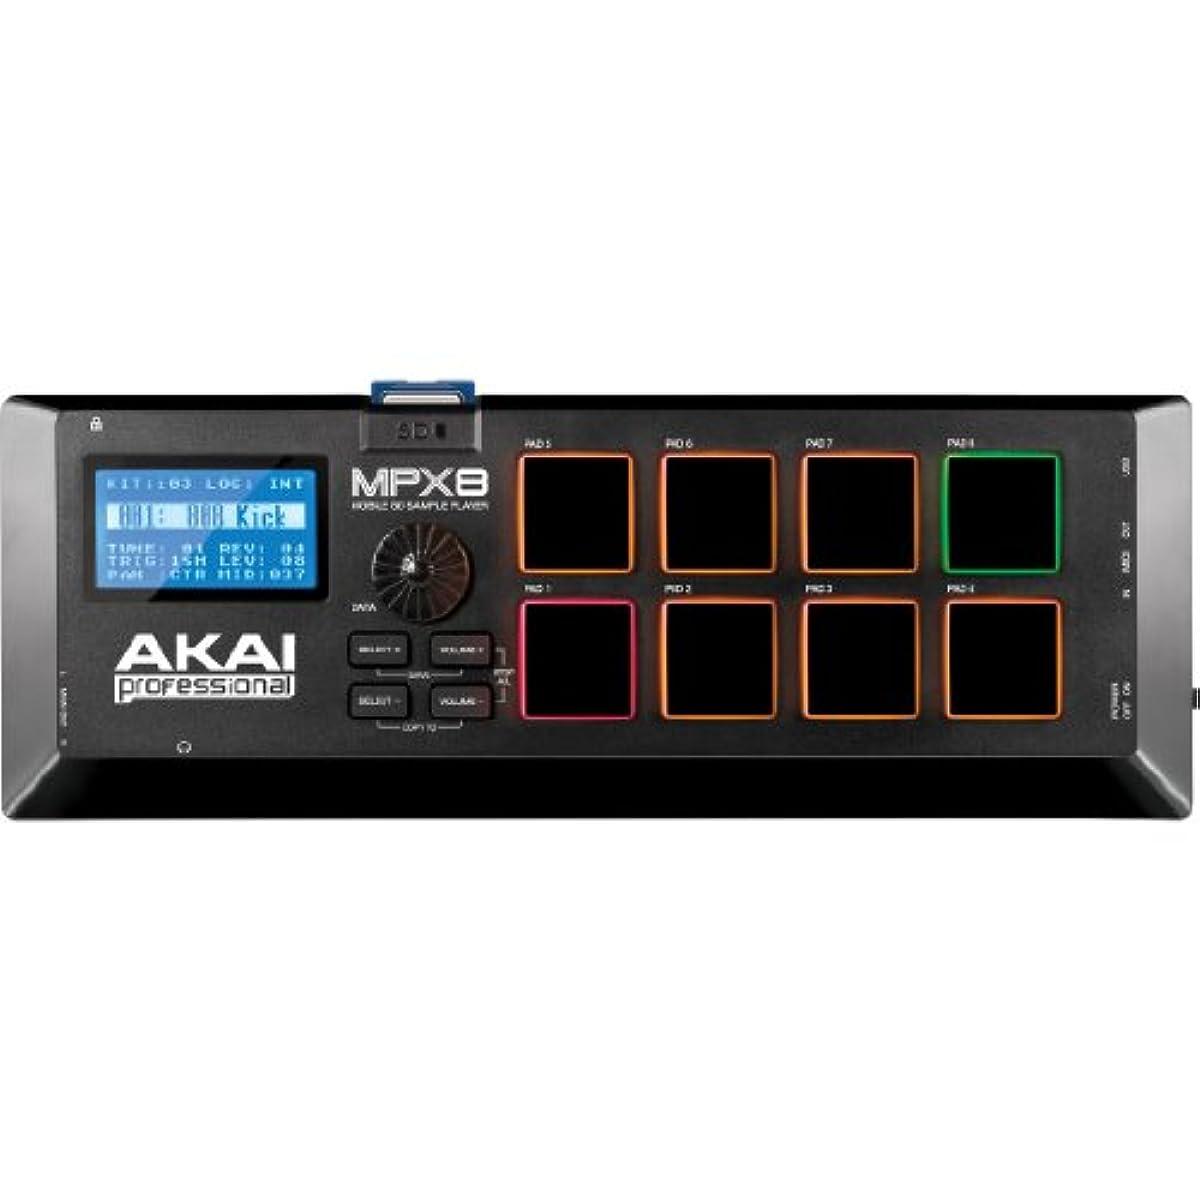 [해외] AKAI PROFESSIONAL 샘플러 8패드 SD카드 슬롯 MPX8